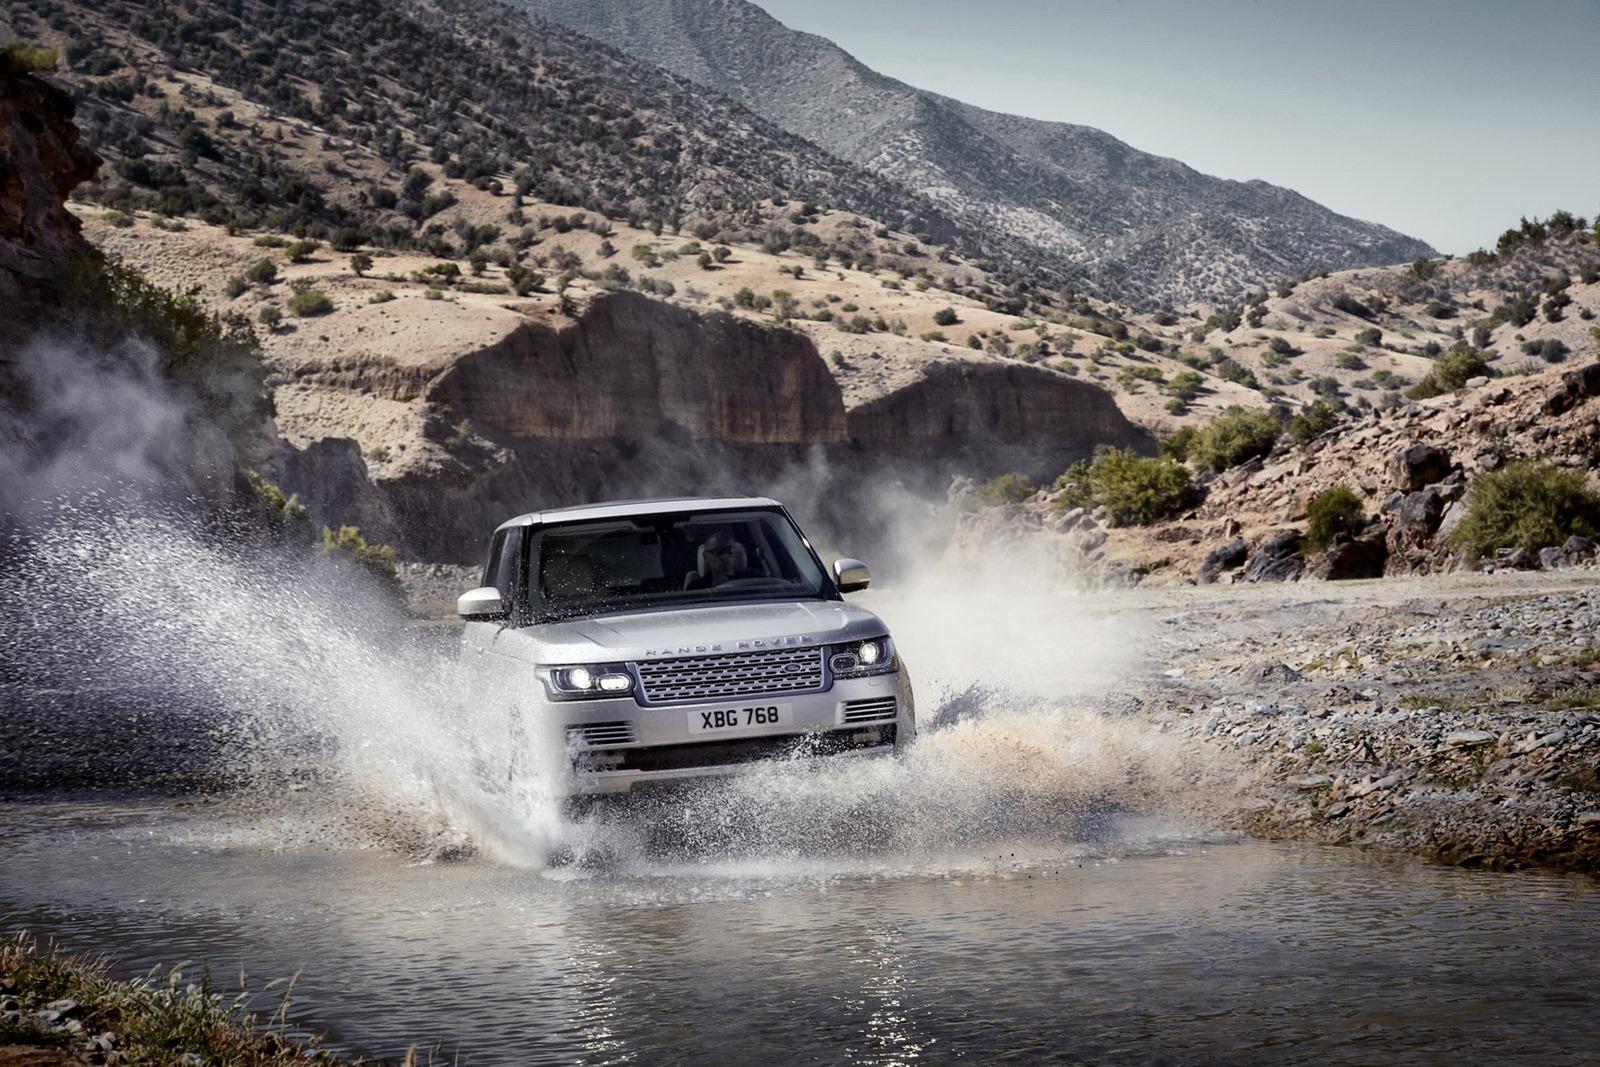 2013-Range-Rover-38%25255B2%25255D.jpg